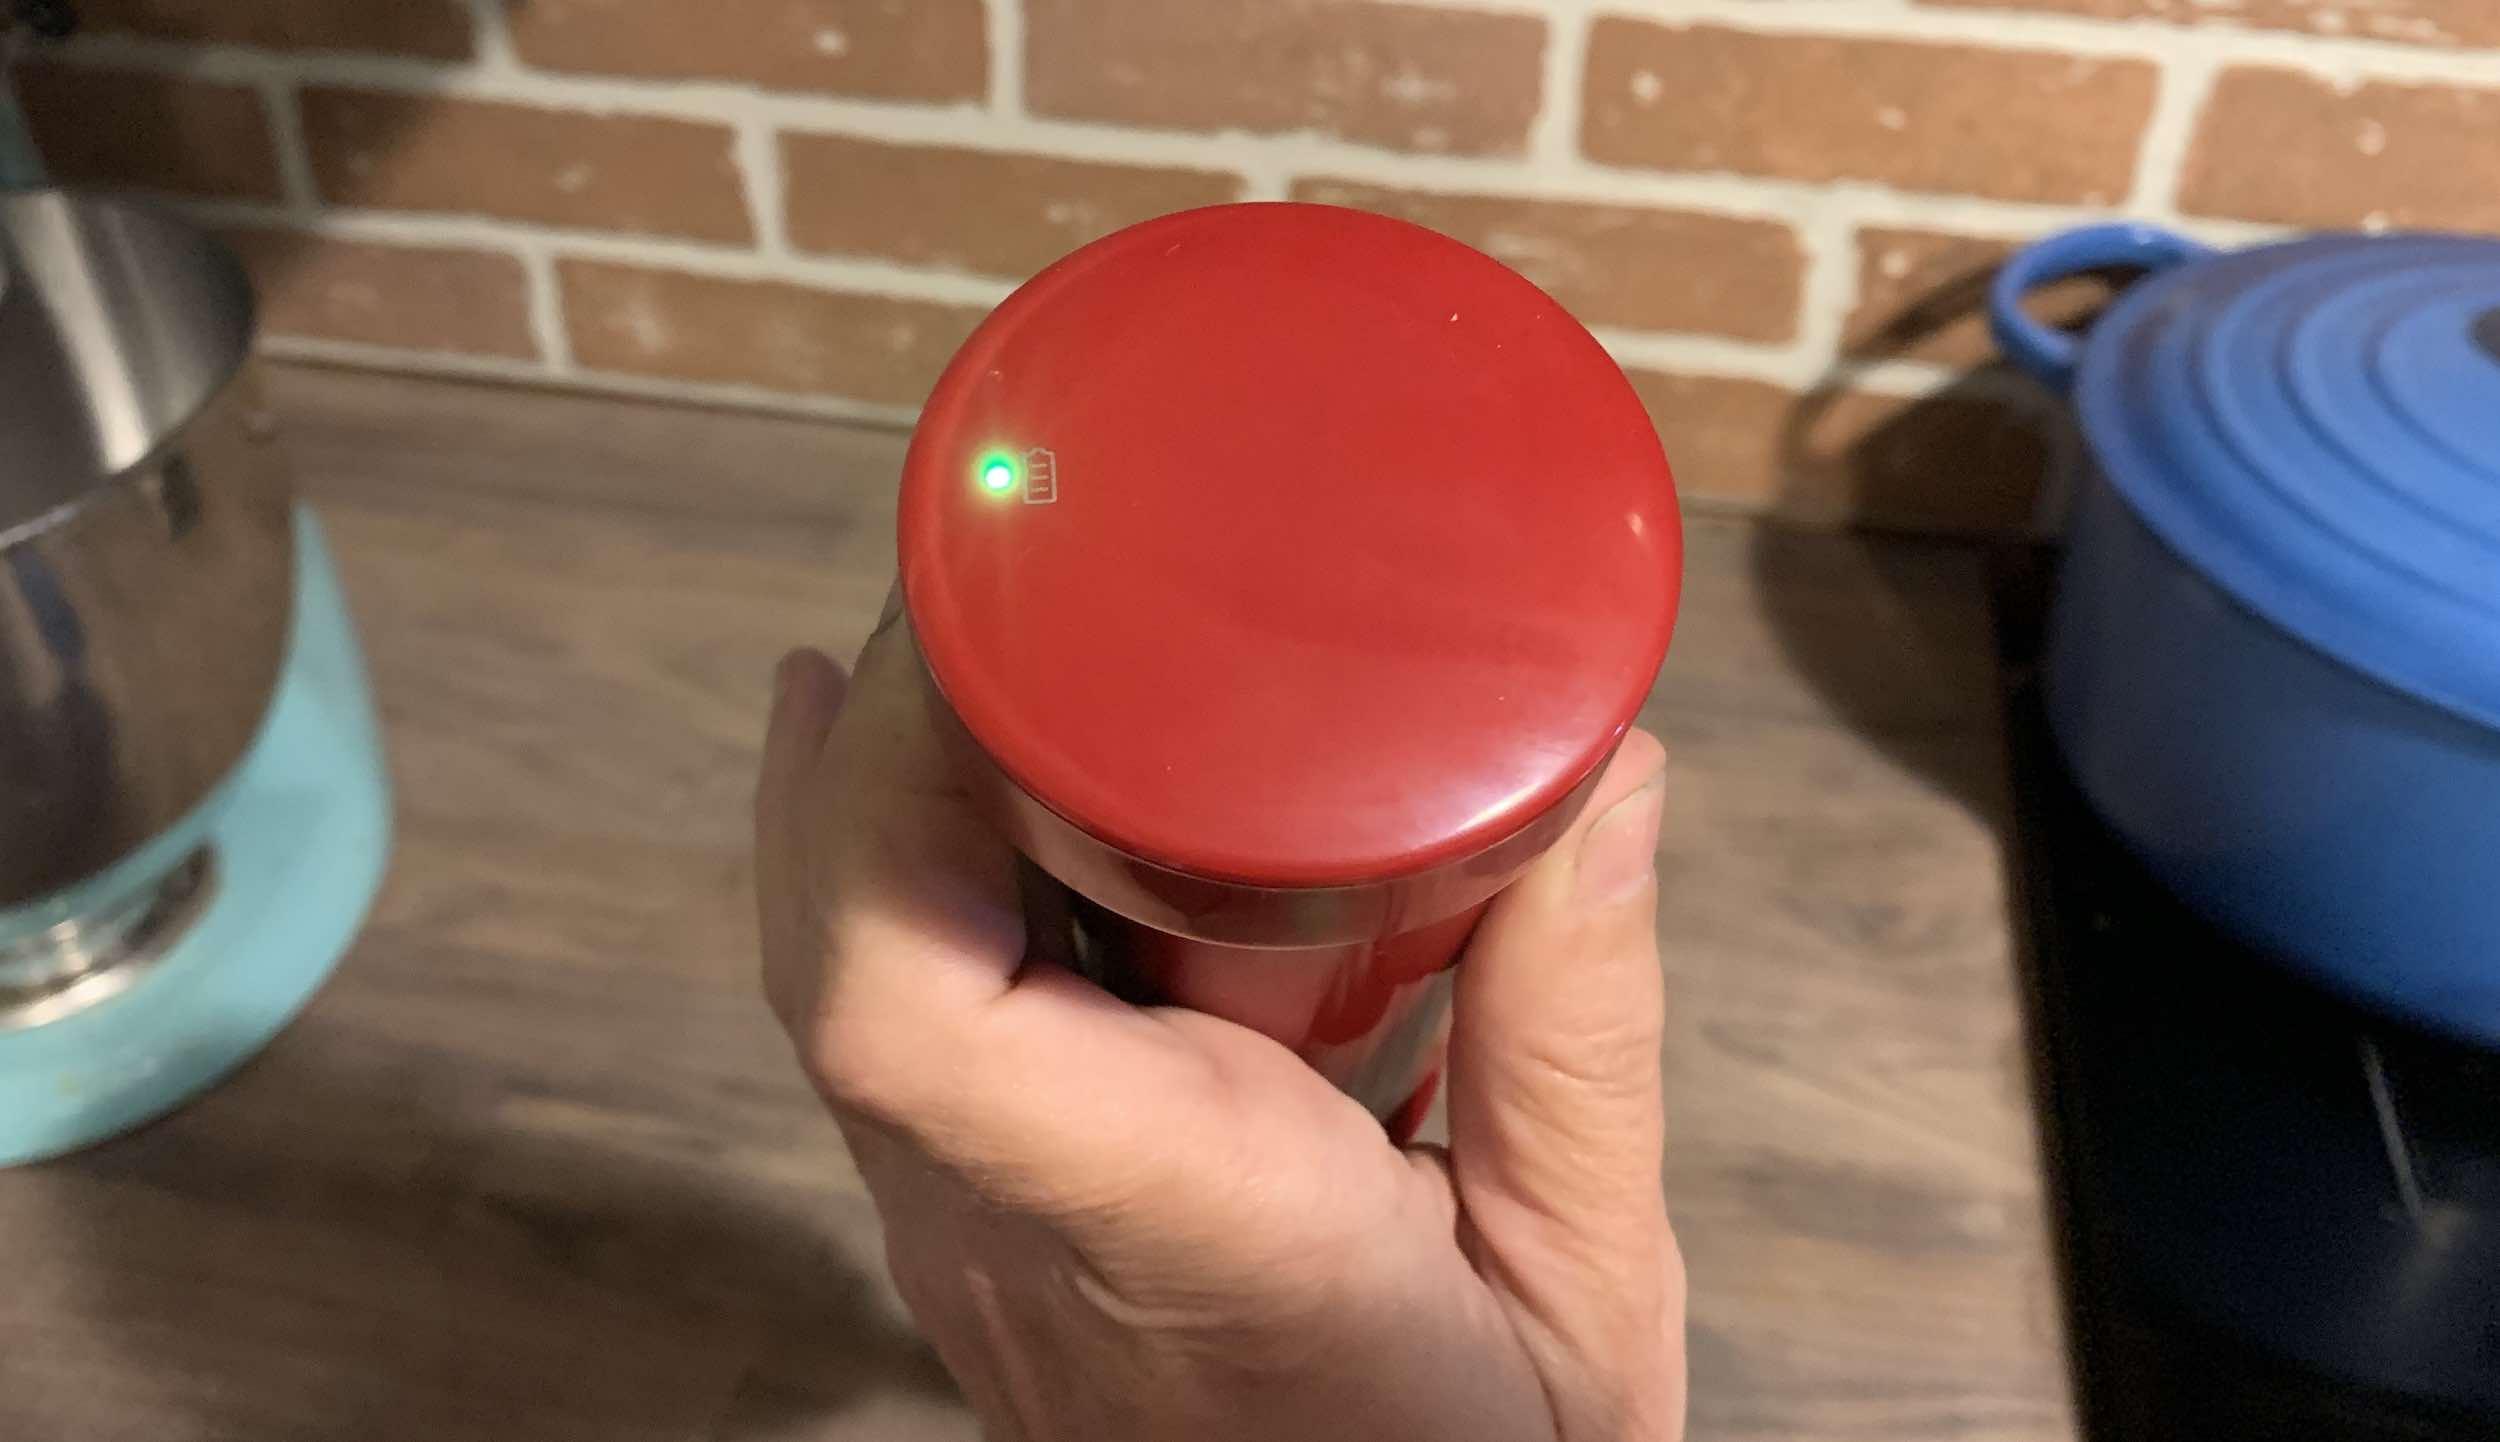 KitchenAid Cordless Immersion Blender Battery Light